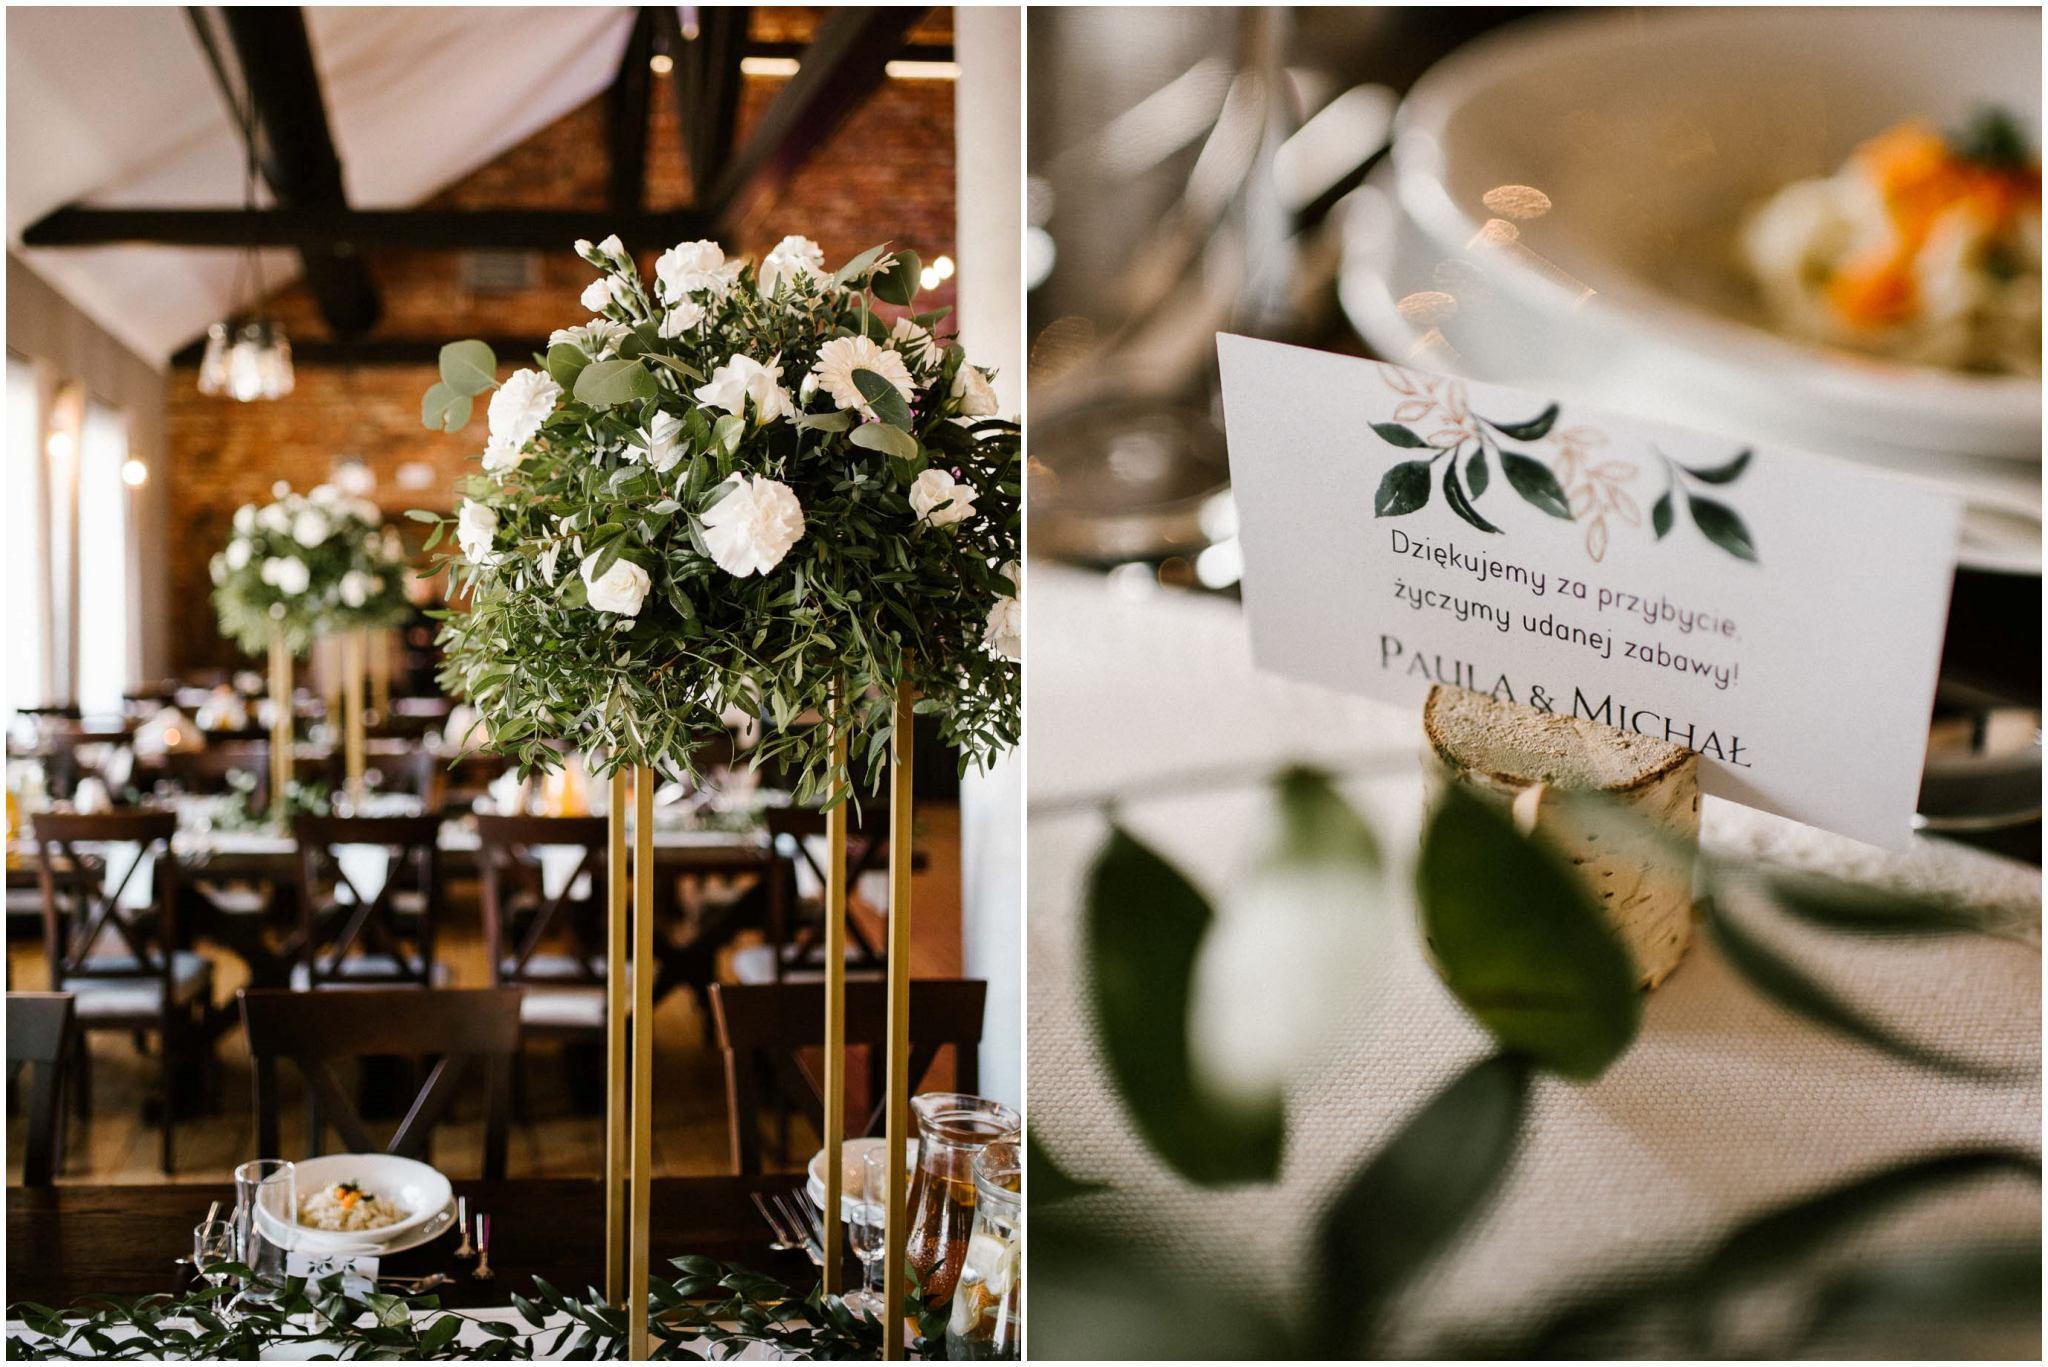 Dekoracje weselne na stołach -  ślub w Stodole Bojanowo